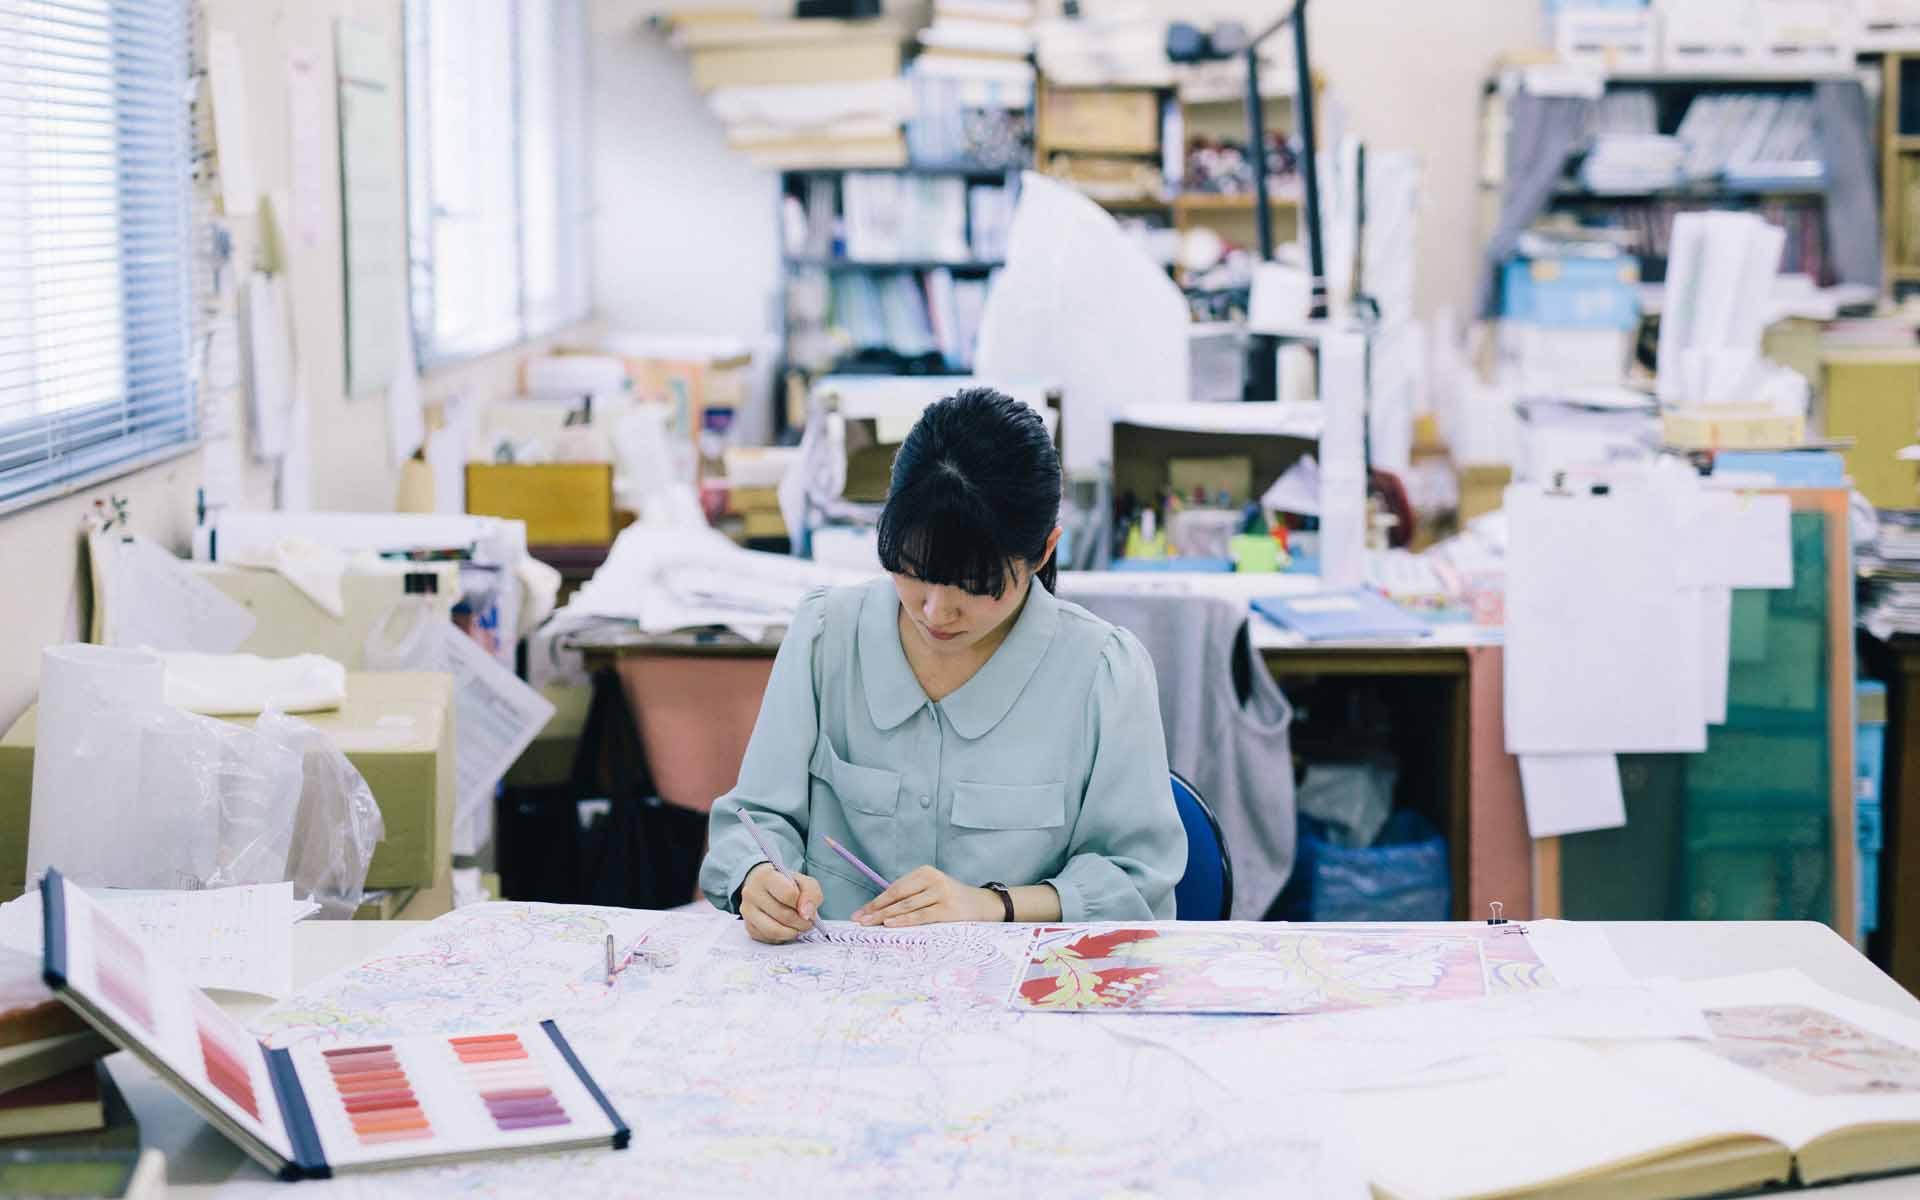 着物づくりを諦められなかった彼女は、新潟・十日町で夢を叶えた。若き移住系デザイナーの胸のうち